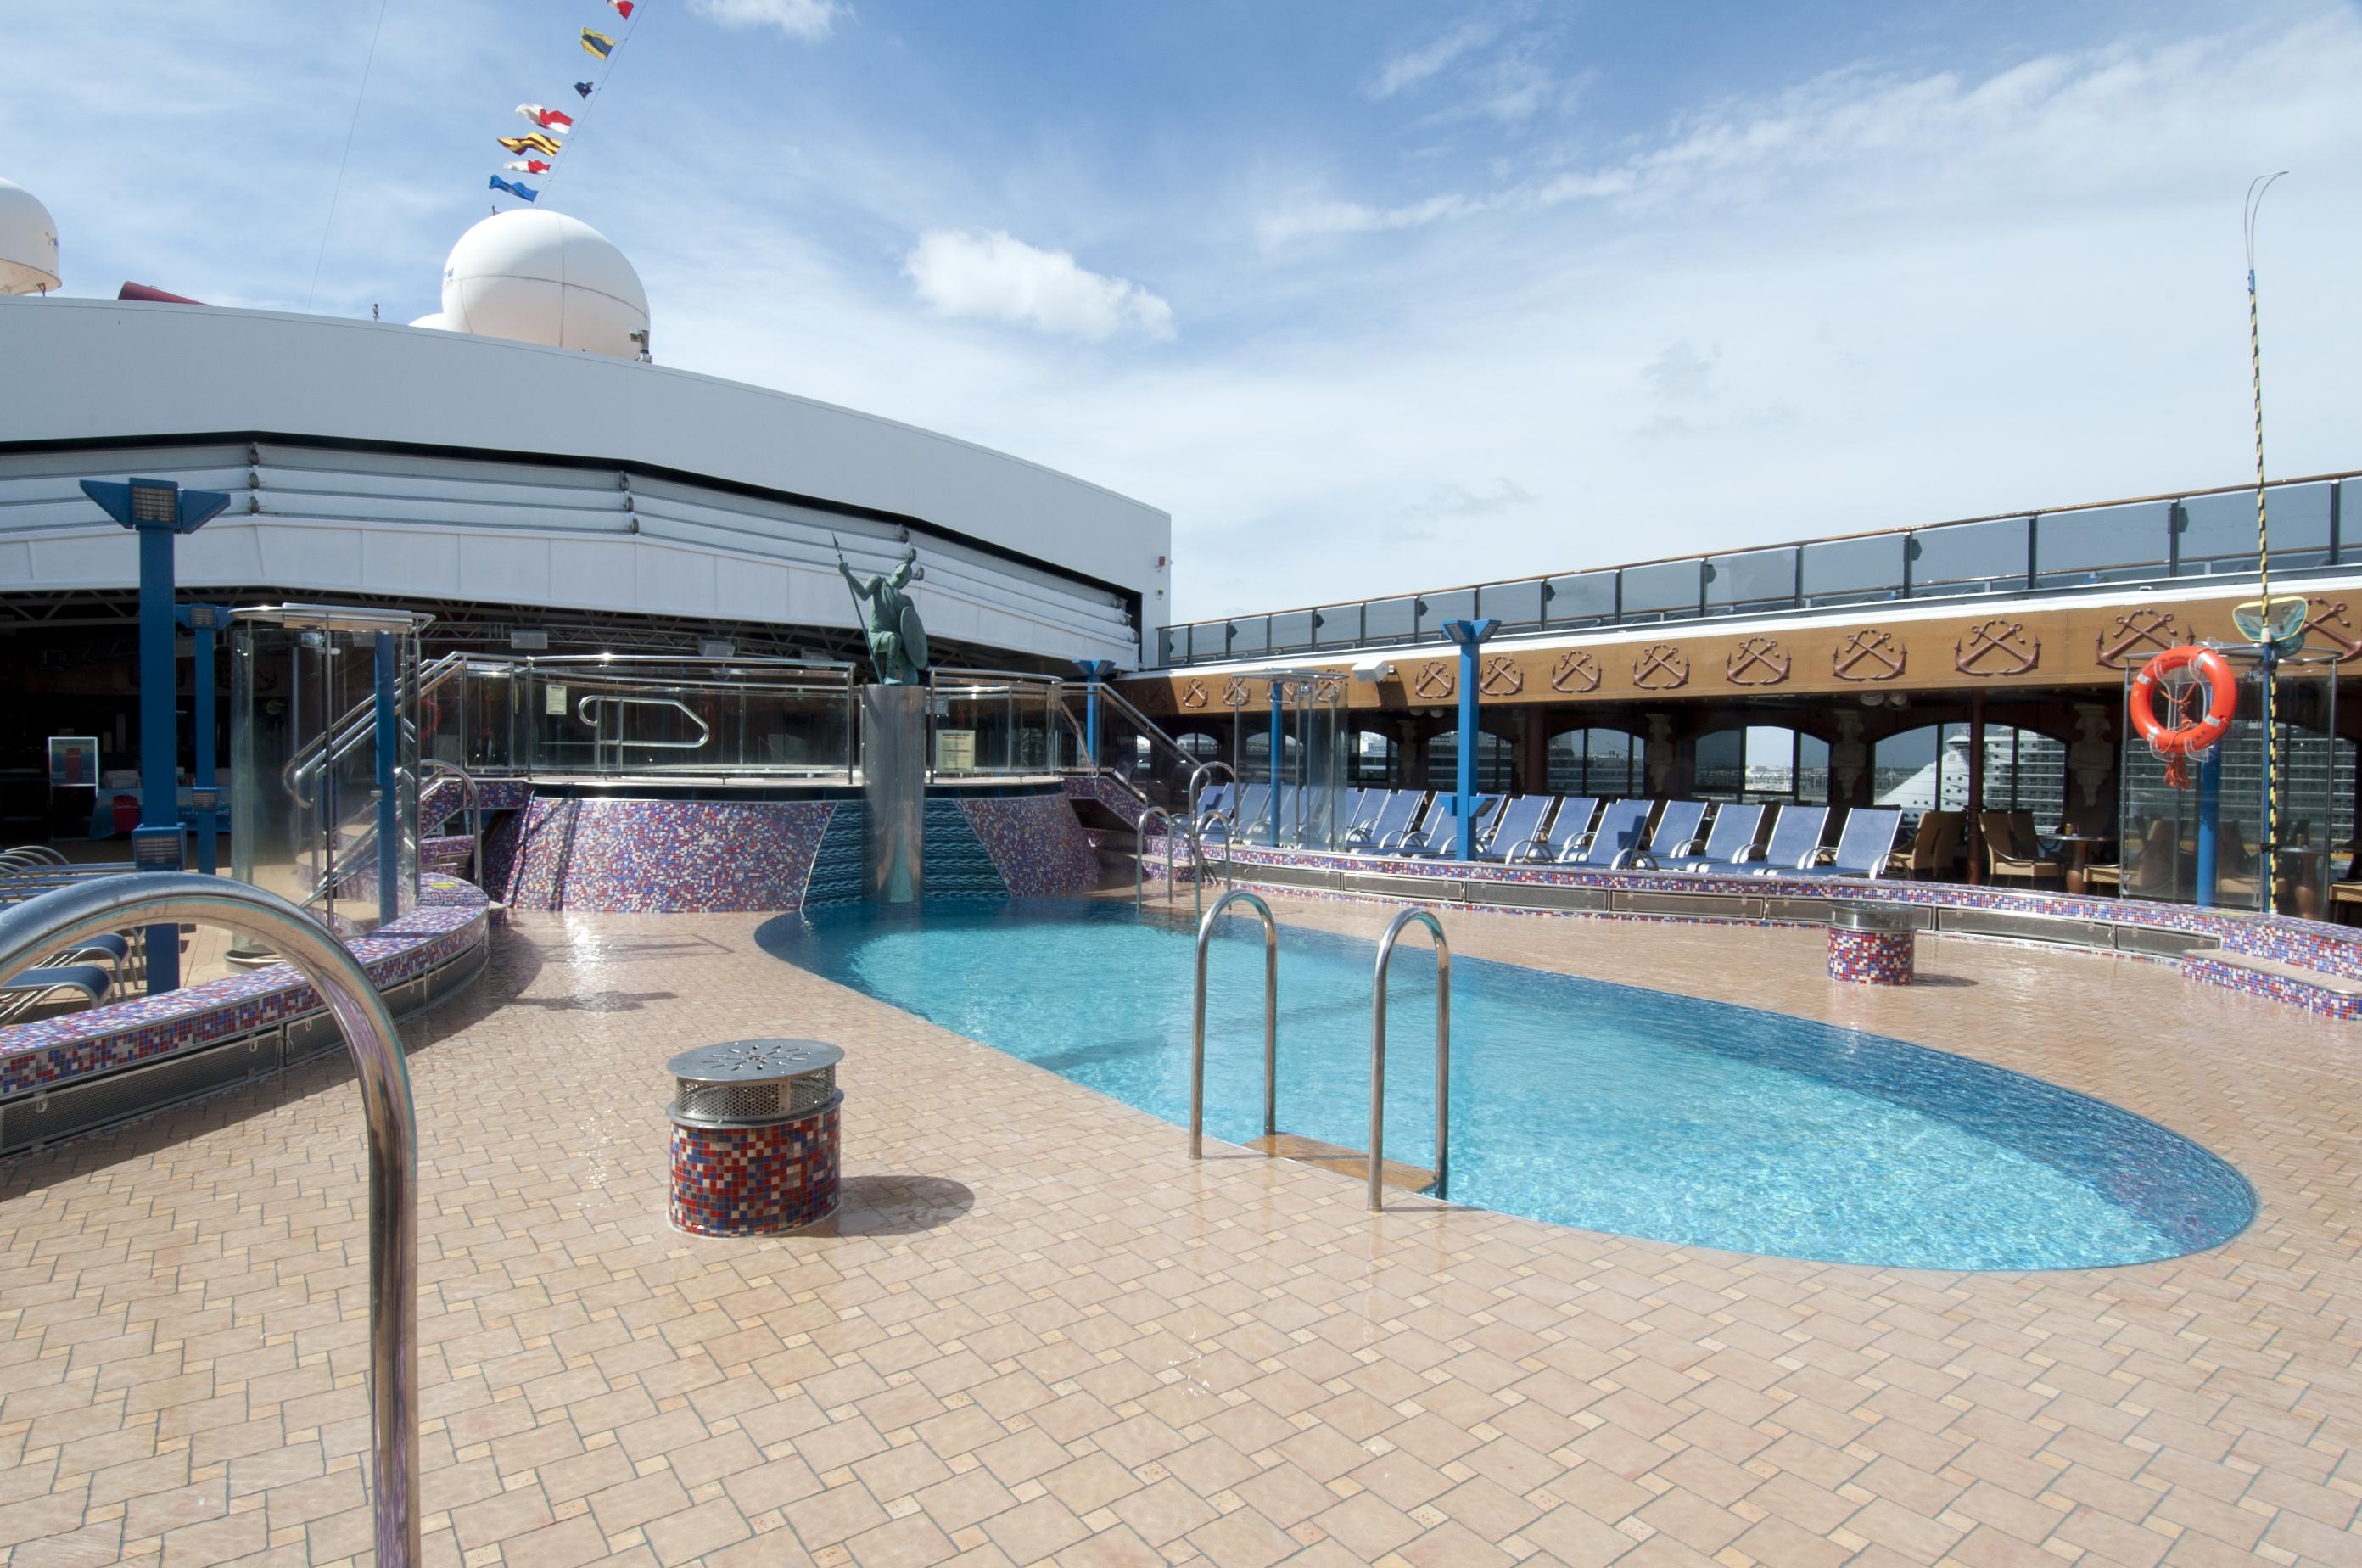 Carnival Miracle Ulysses Pool 2.jpg